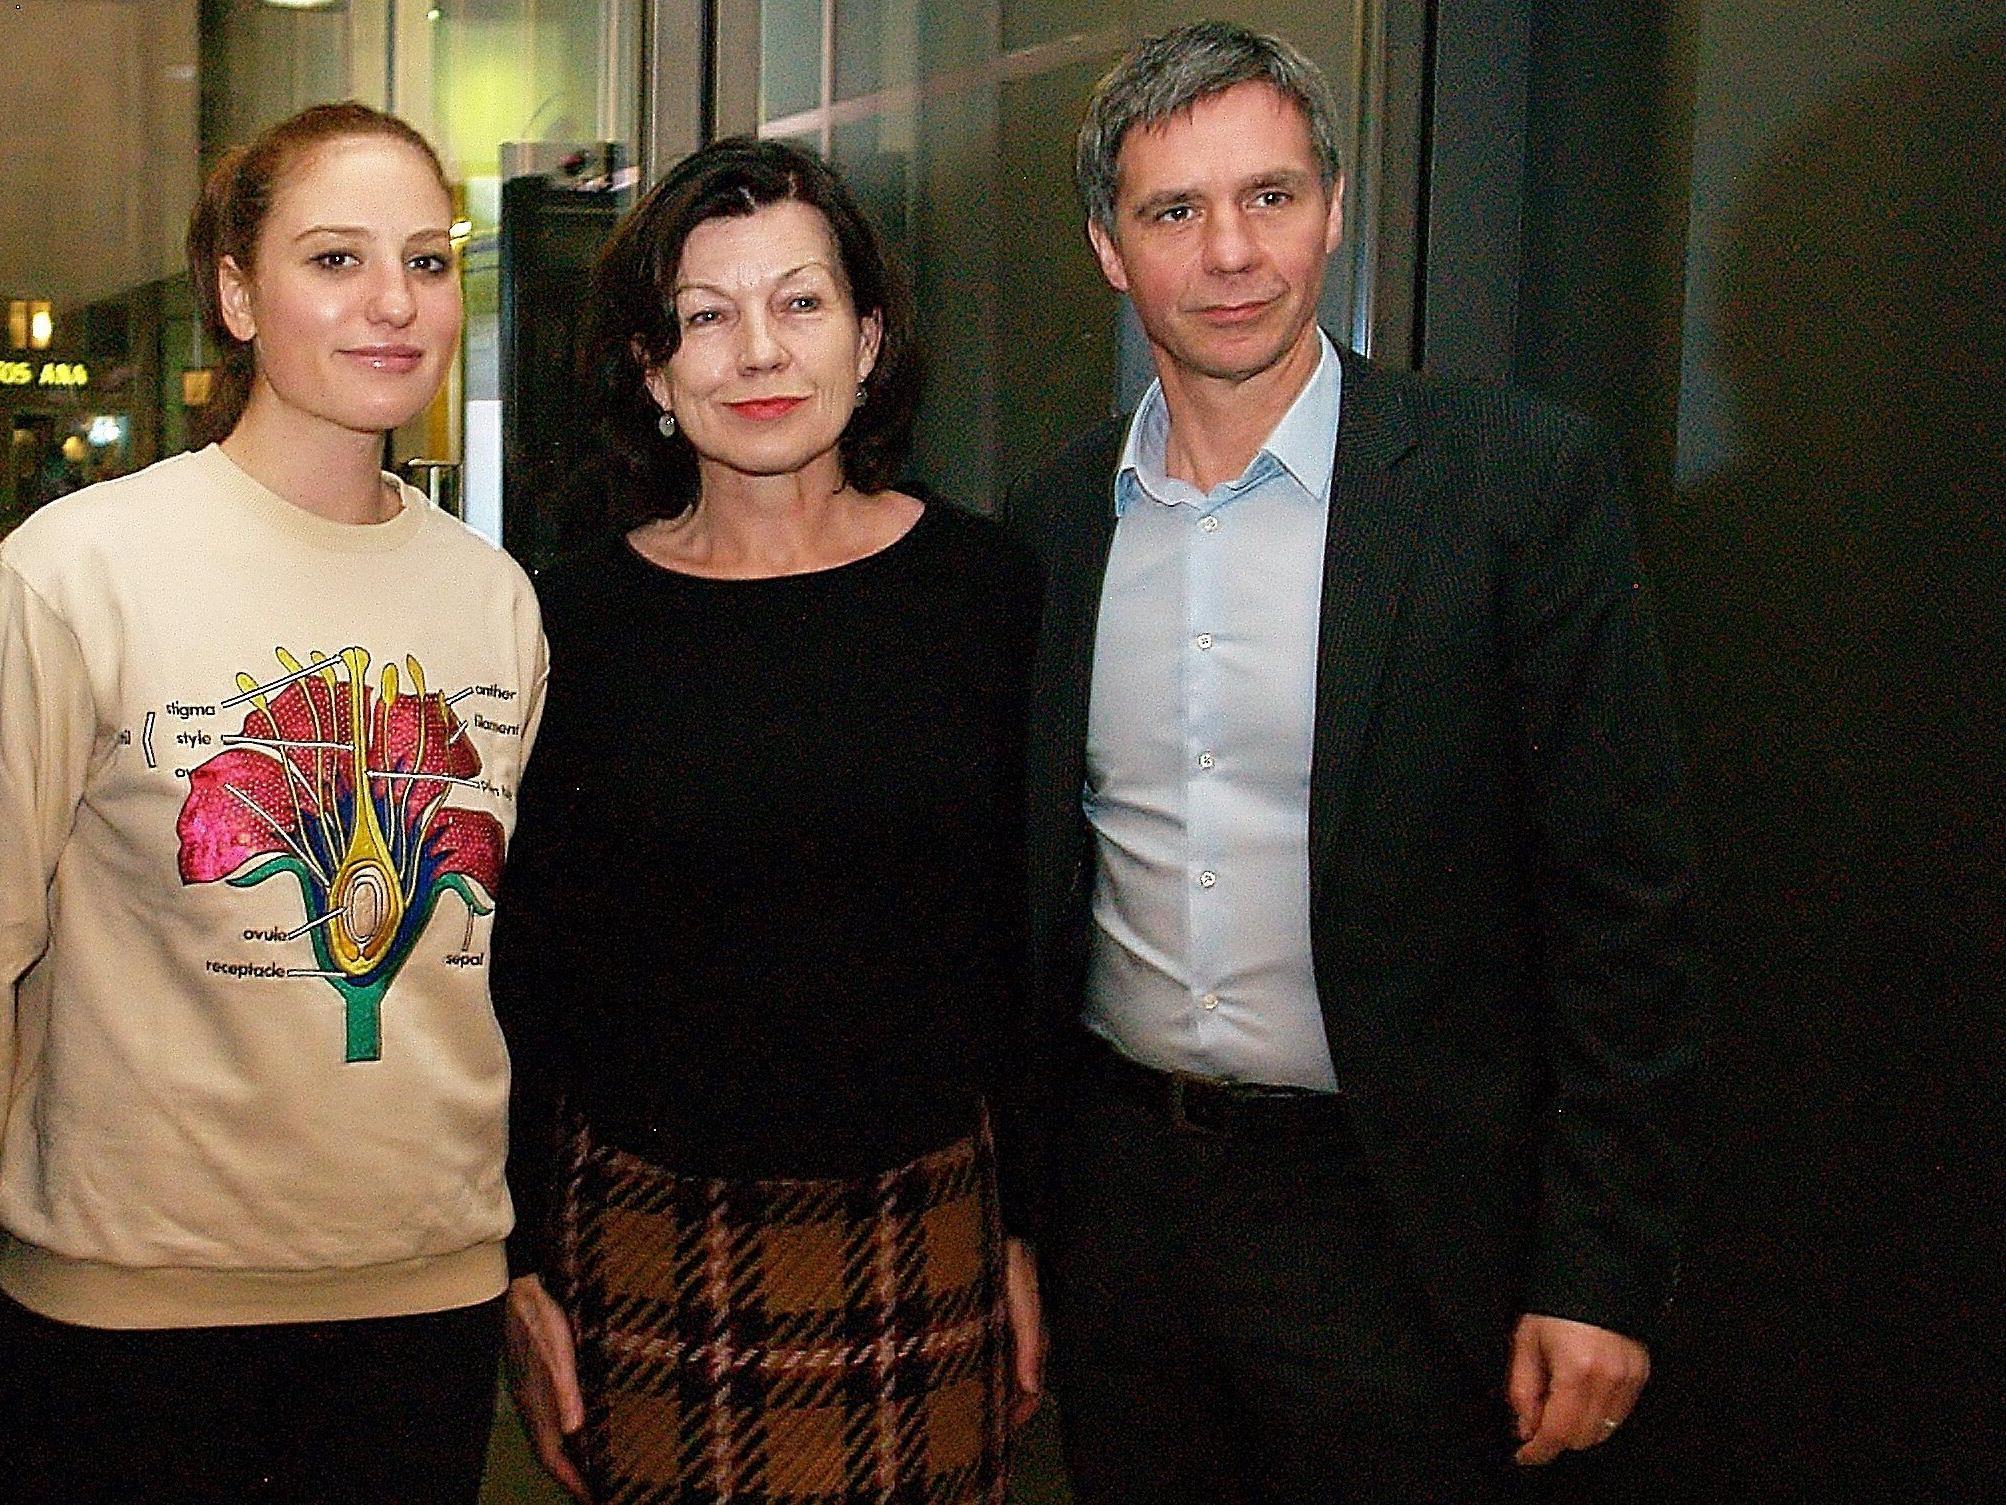 Künstlerin Rachel Rose mit  Margareta Eberle-Kirchmayr (Präsidentin KUB Freunde) und Direktor Thomas D. Trummer bei der Ausstellungseröffnung